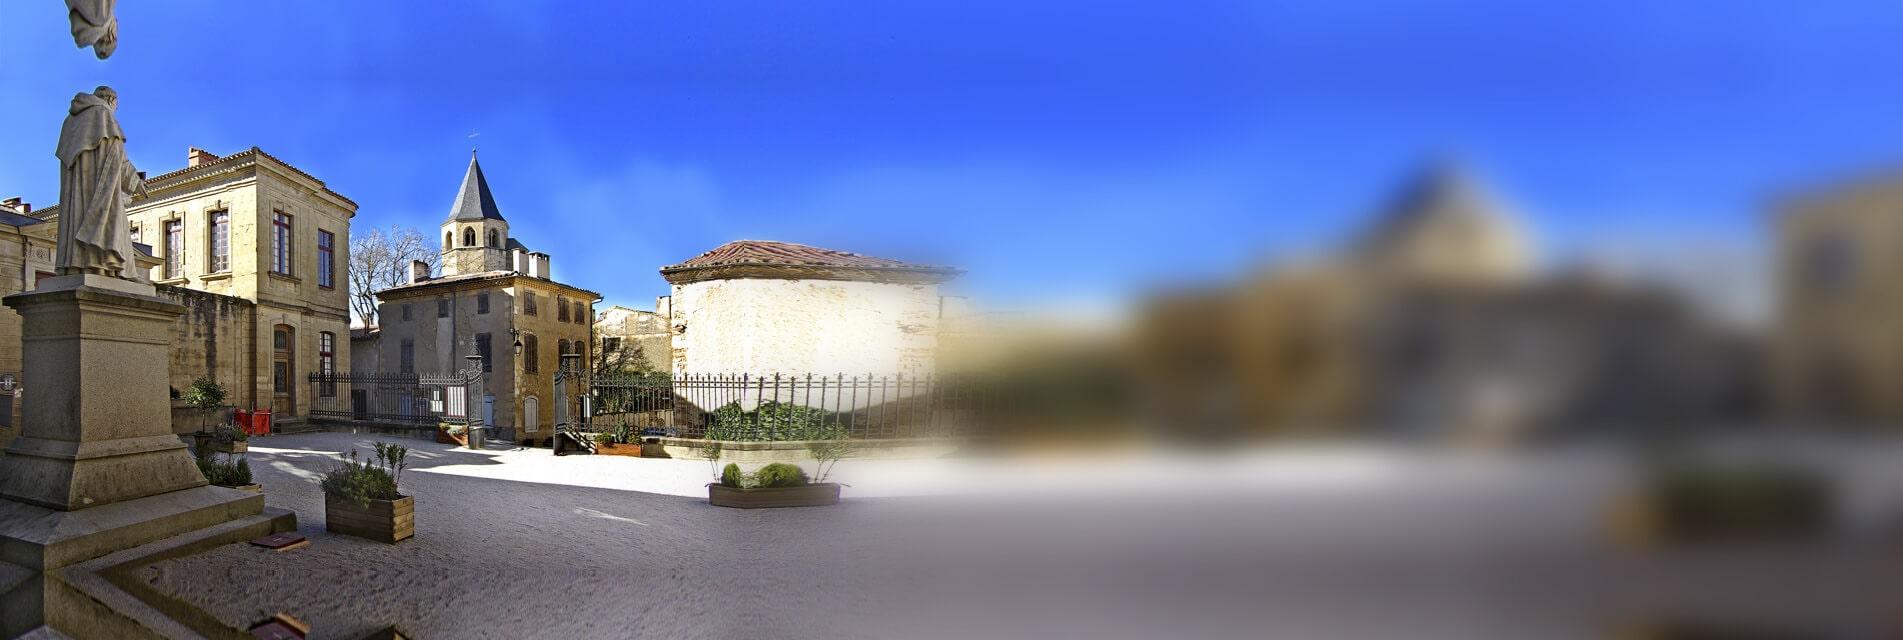 Réservez vos vacances à Sorèze Tarn Occitanie